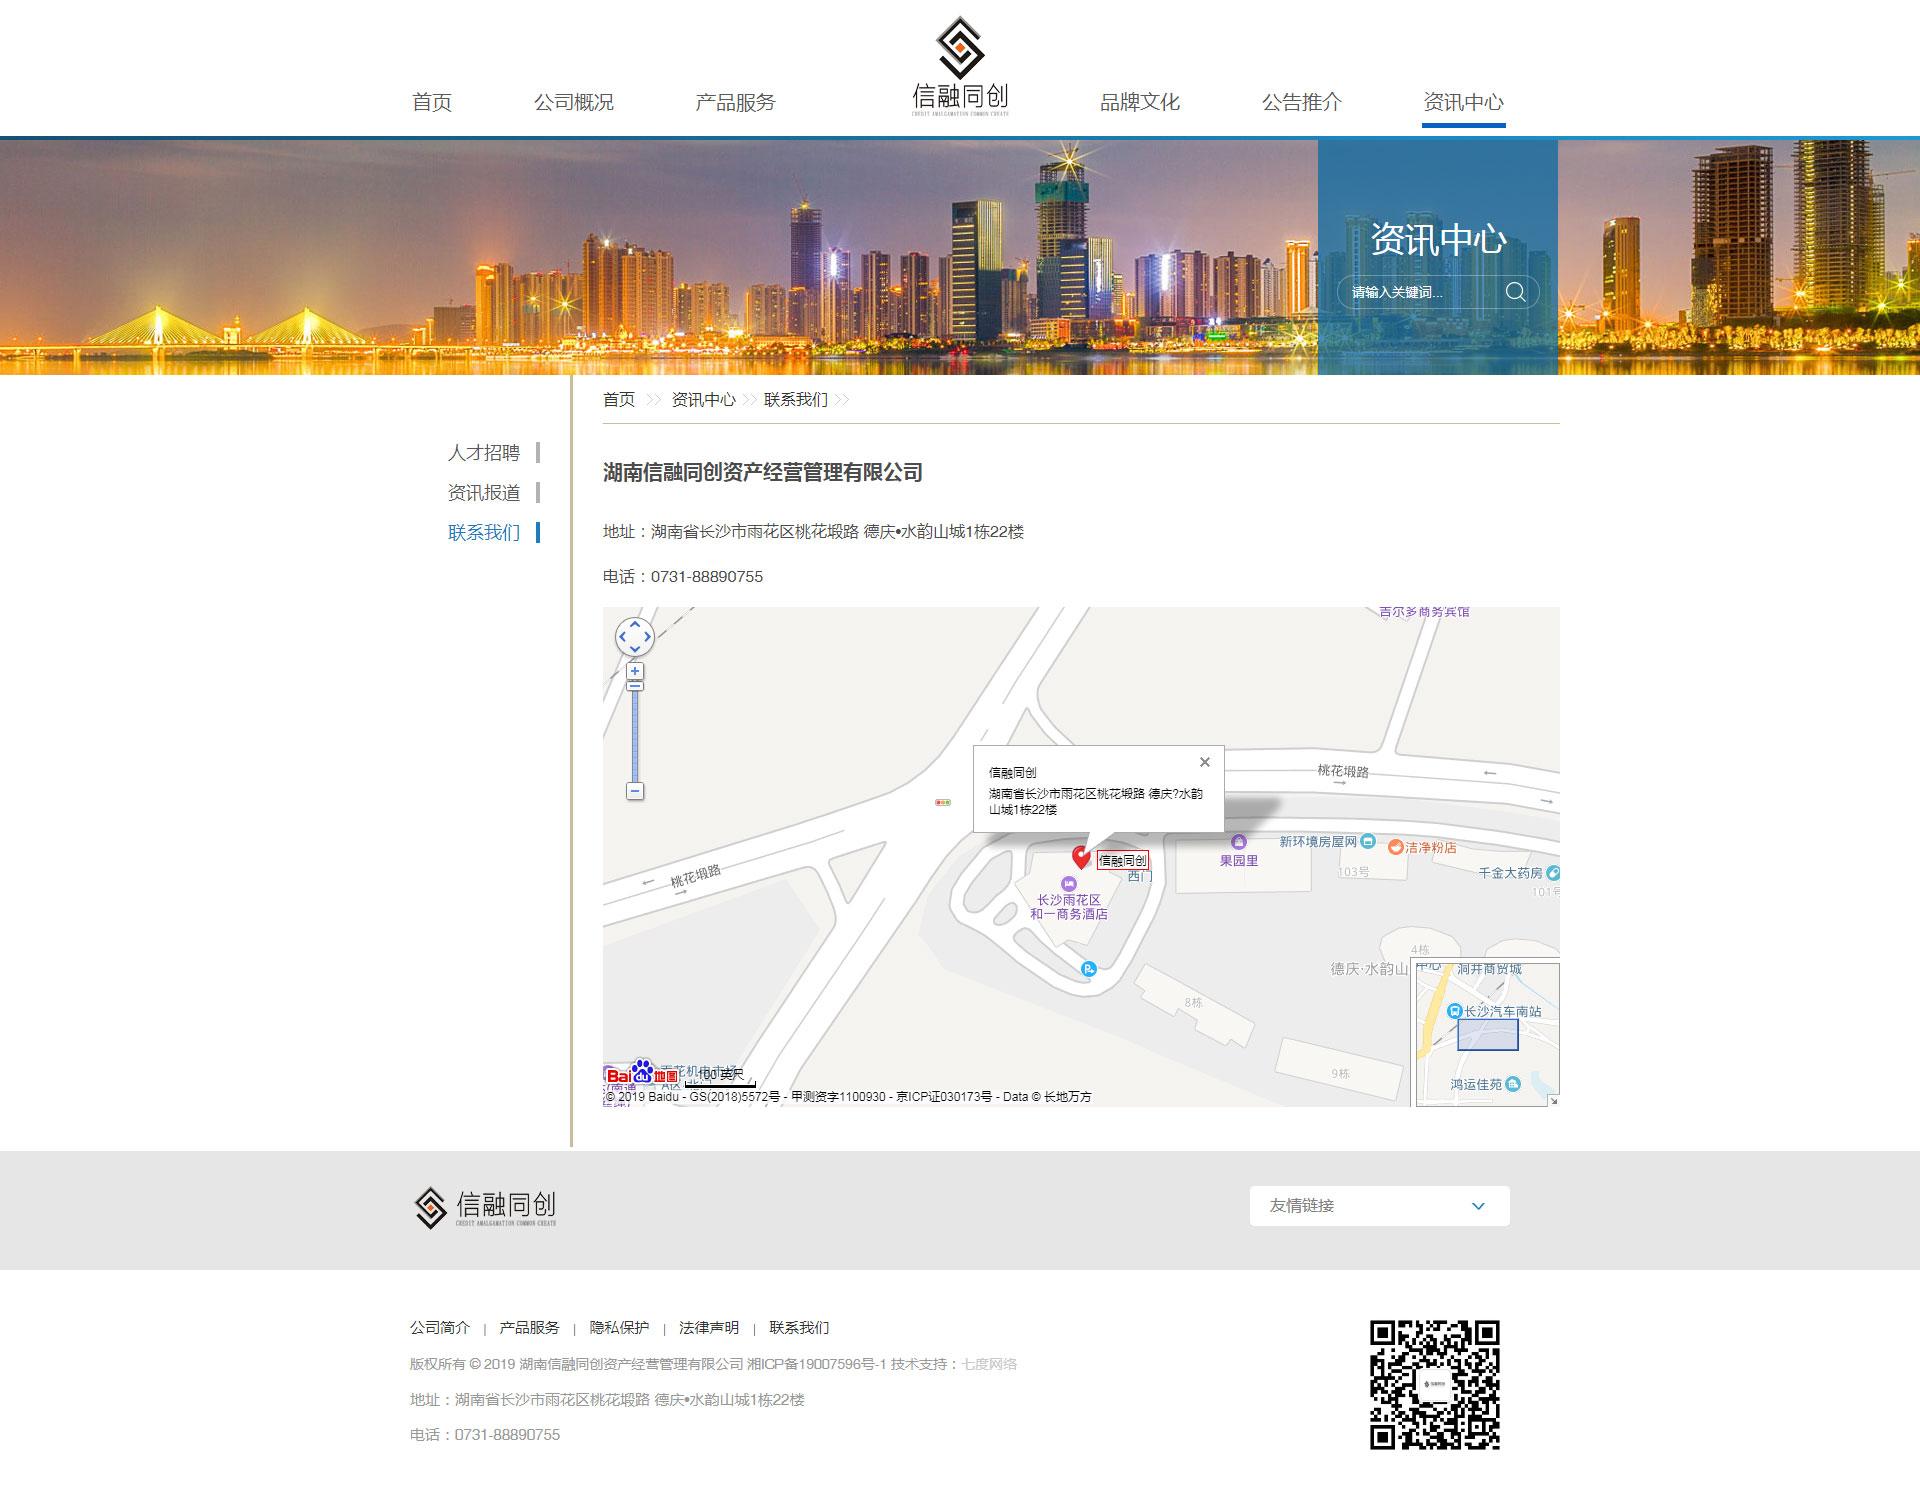 iCorpManage蓝色资产管理企业网站定制